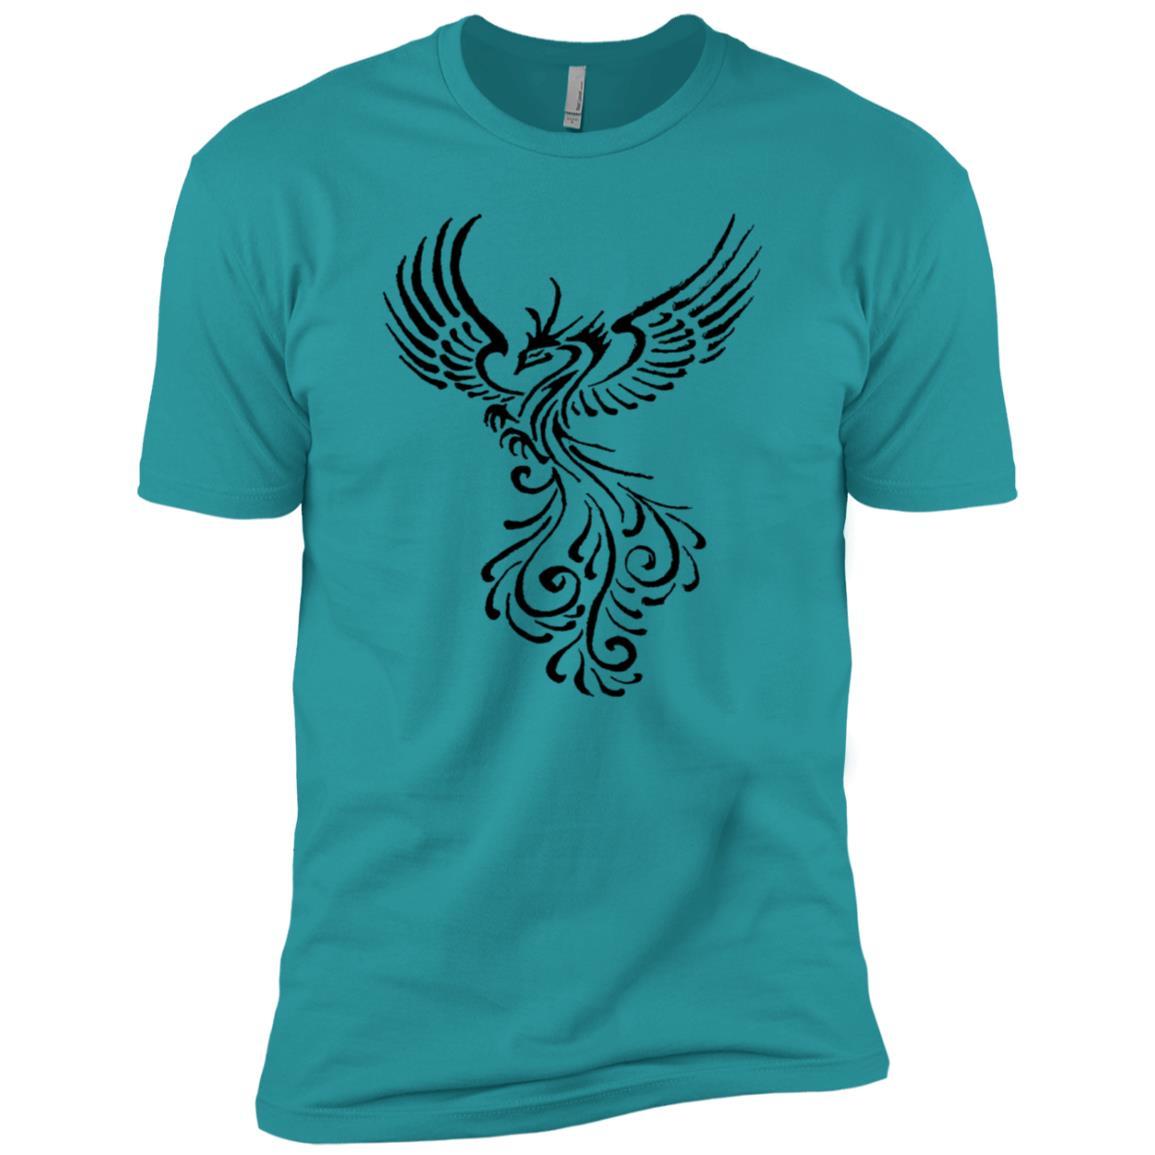 Rebirth Phoenix Tribal Tattoo Men Short Sleeve T-Shirt